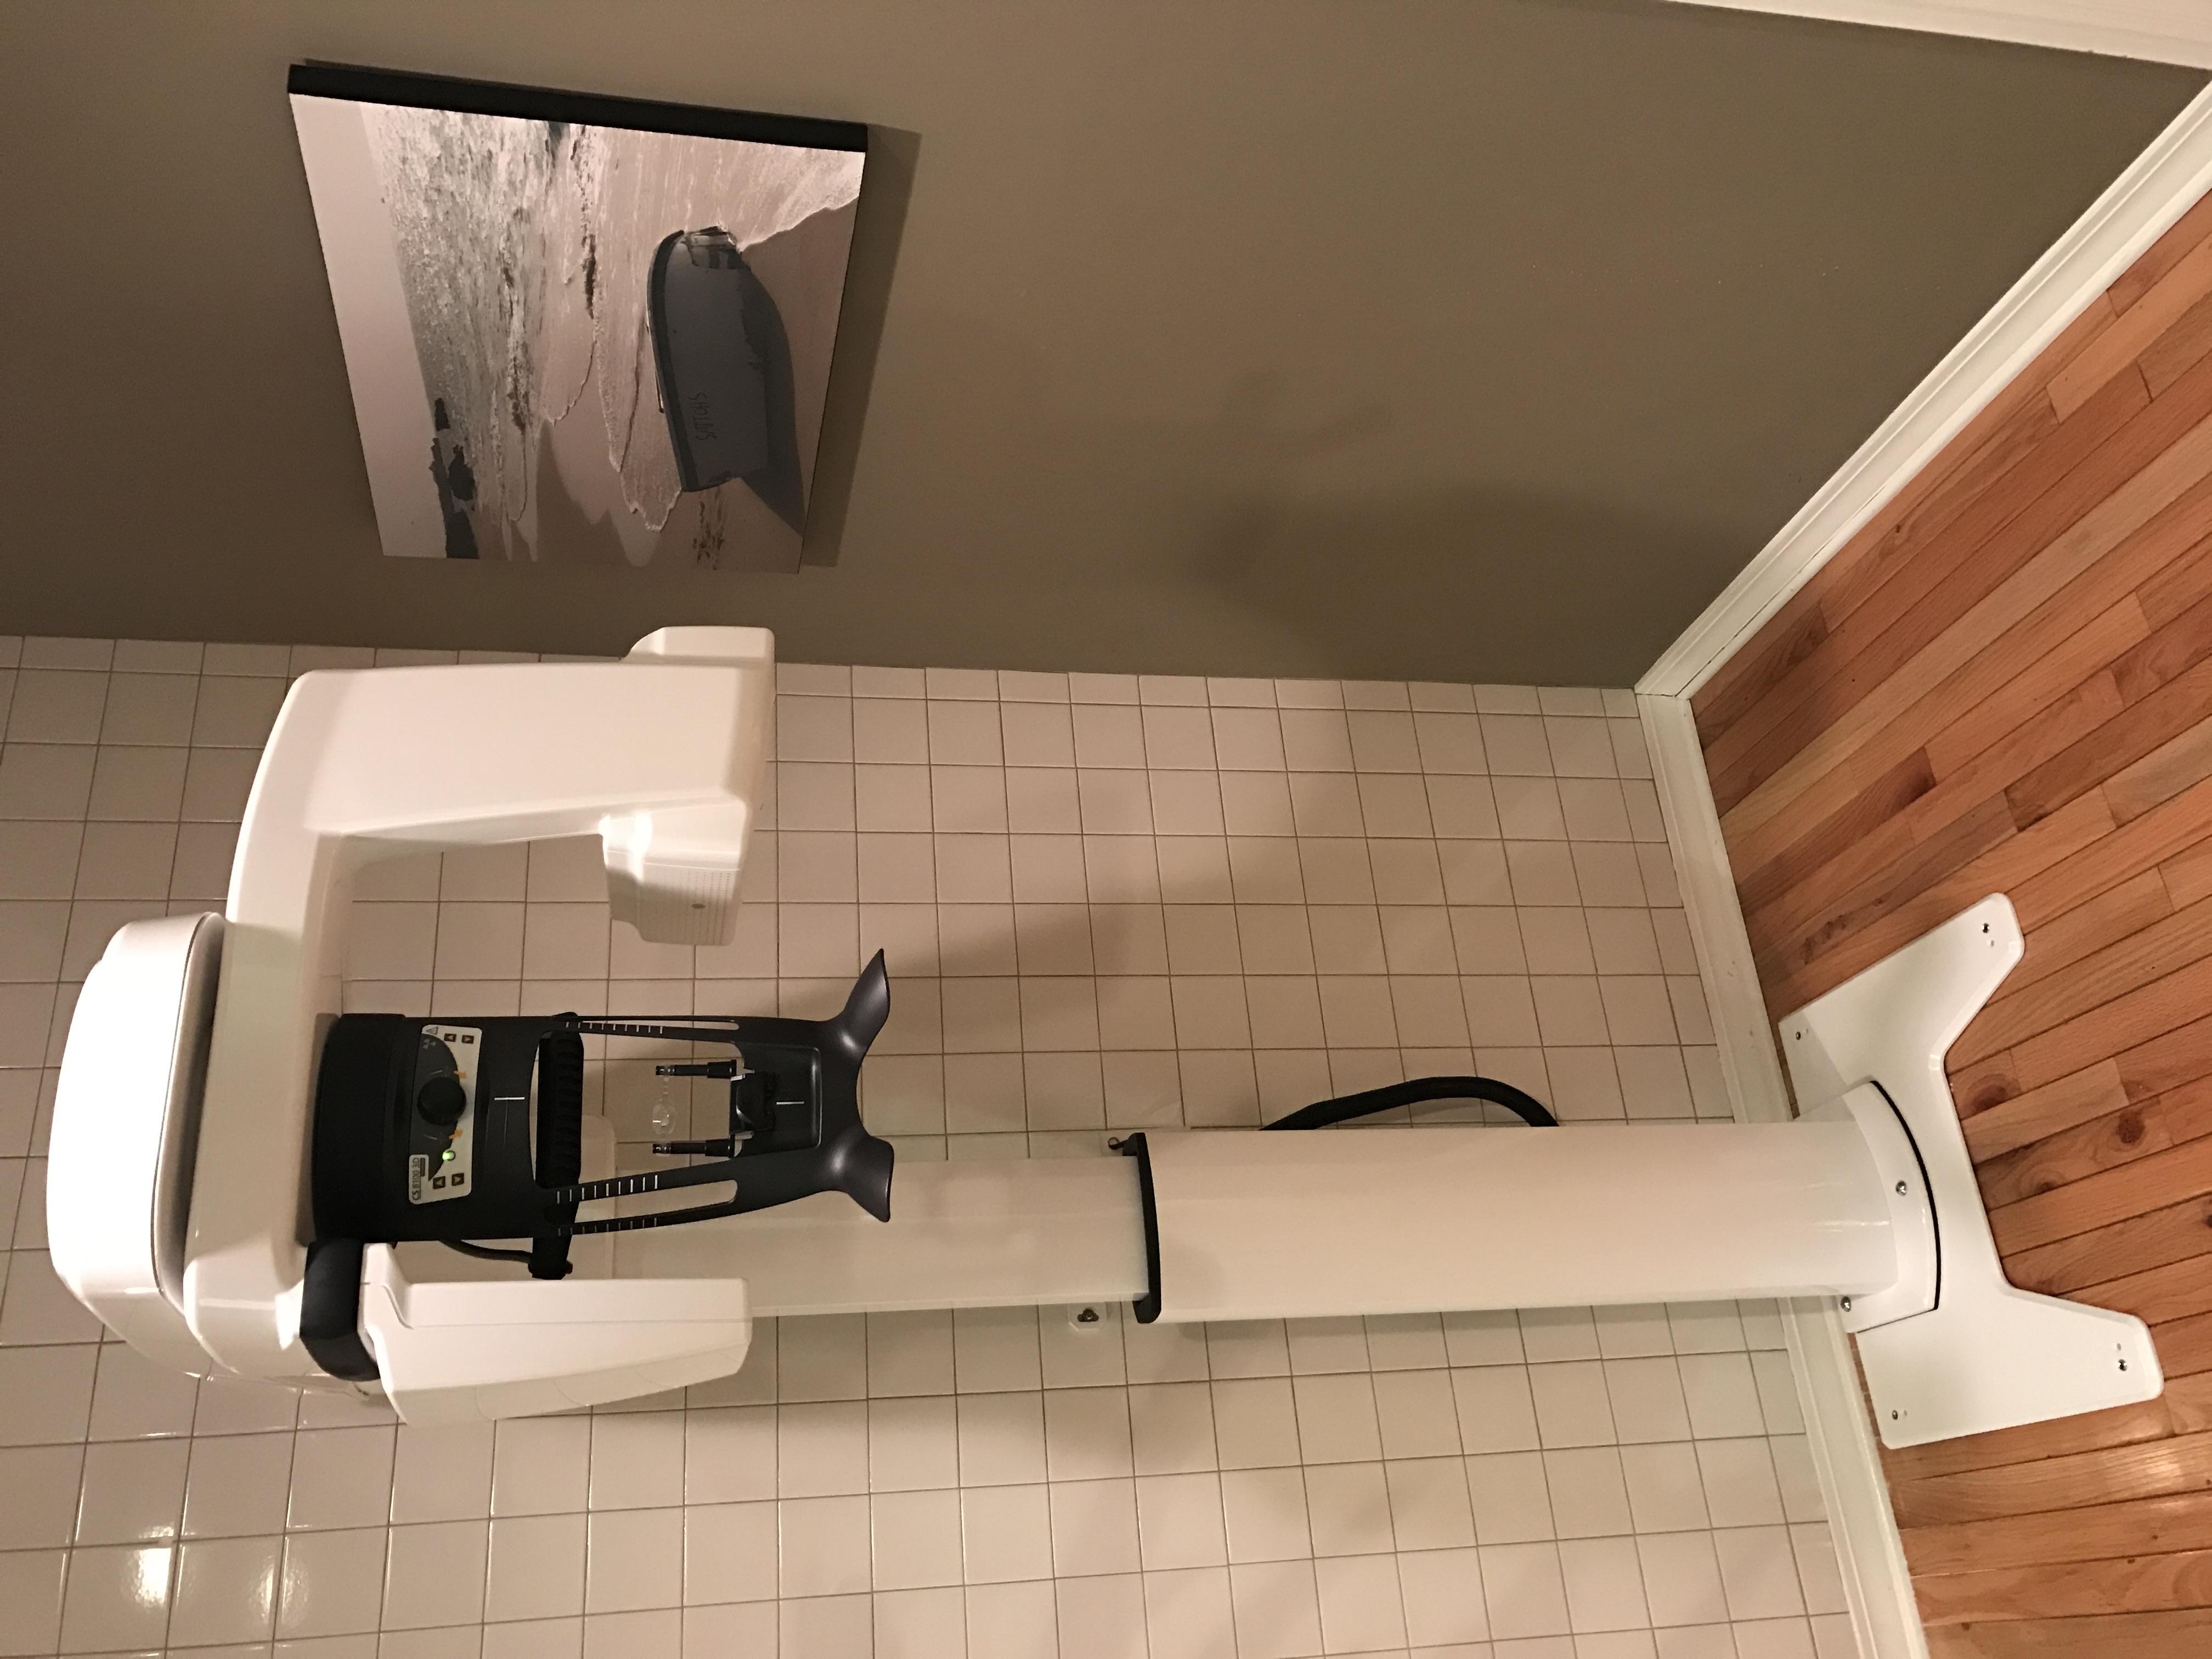 Cone Beam CT Scan Machine